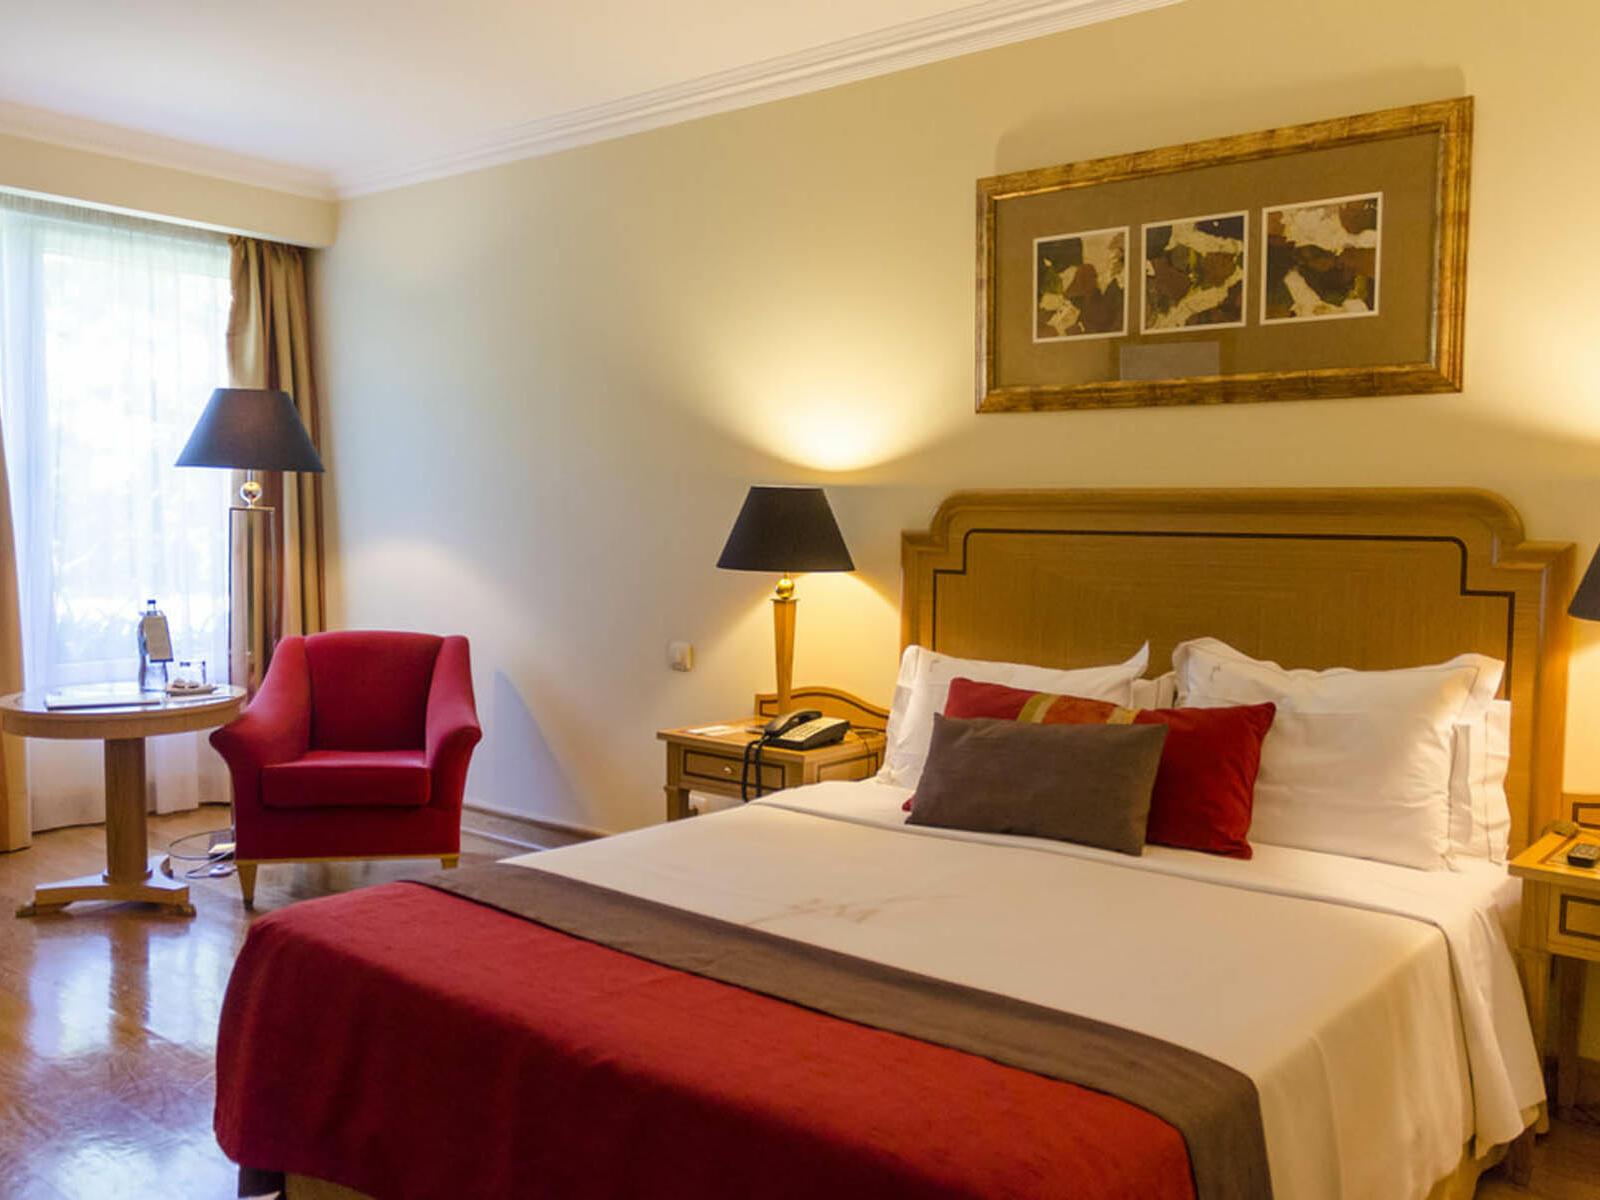 Lit queen confortable dans une chambre moderne - à l'hôtel Cascais Miragem Health and Spa